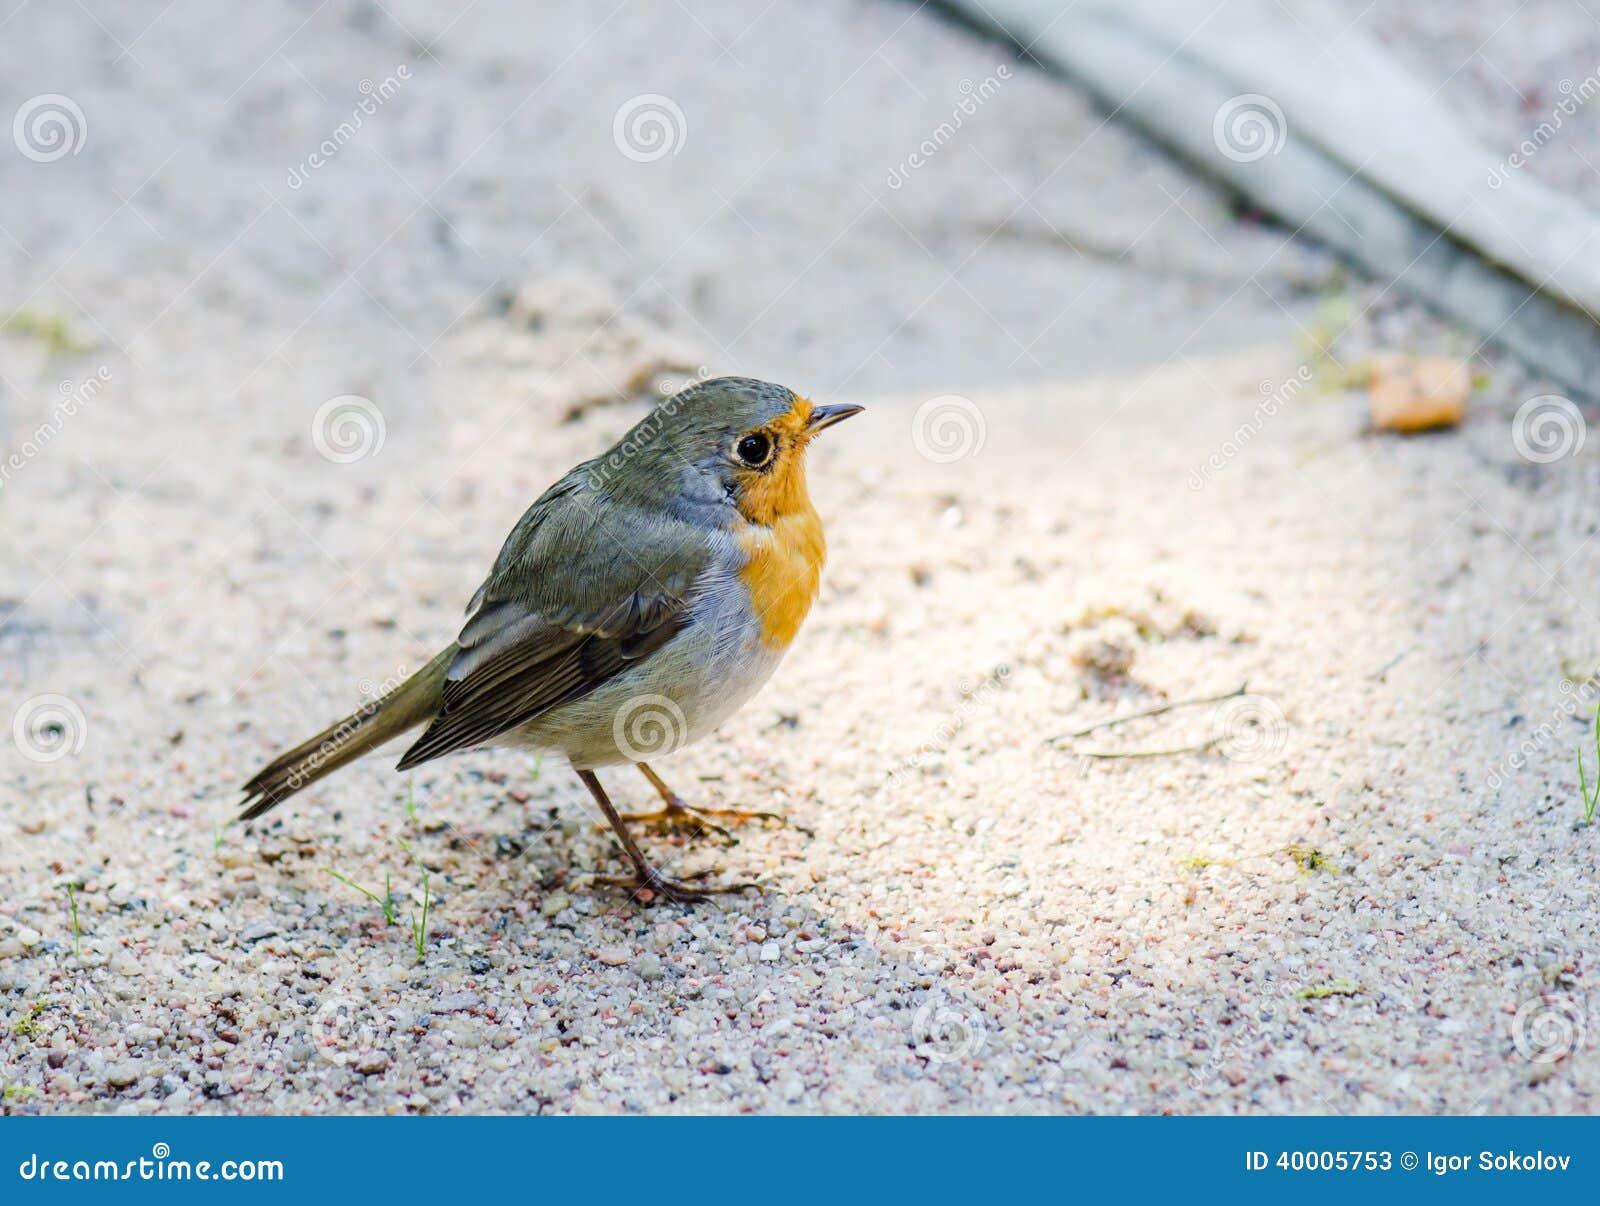 zitronenzeisig kleiner vogel mit einer gelben brust. Black Bedroom Furniture Sets. Home Design Ideas